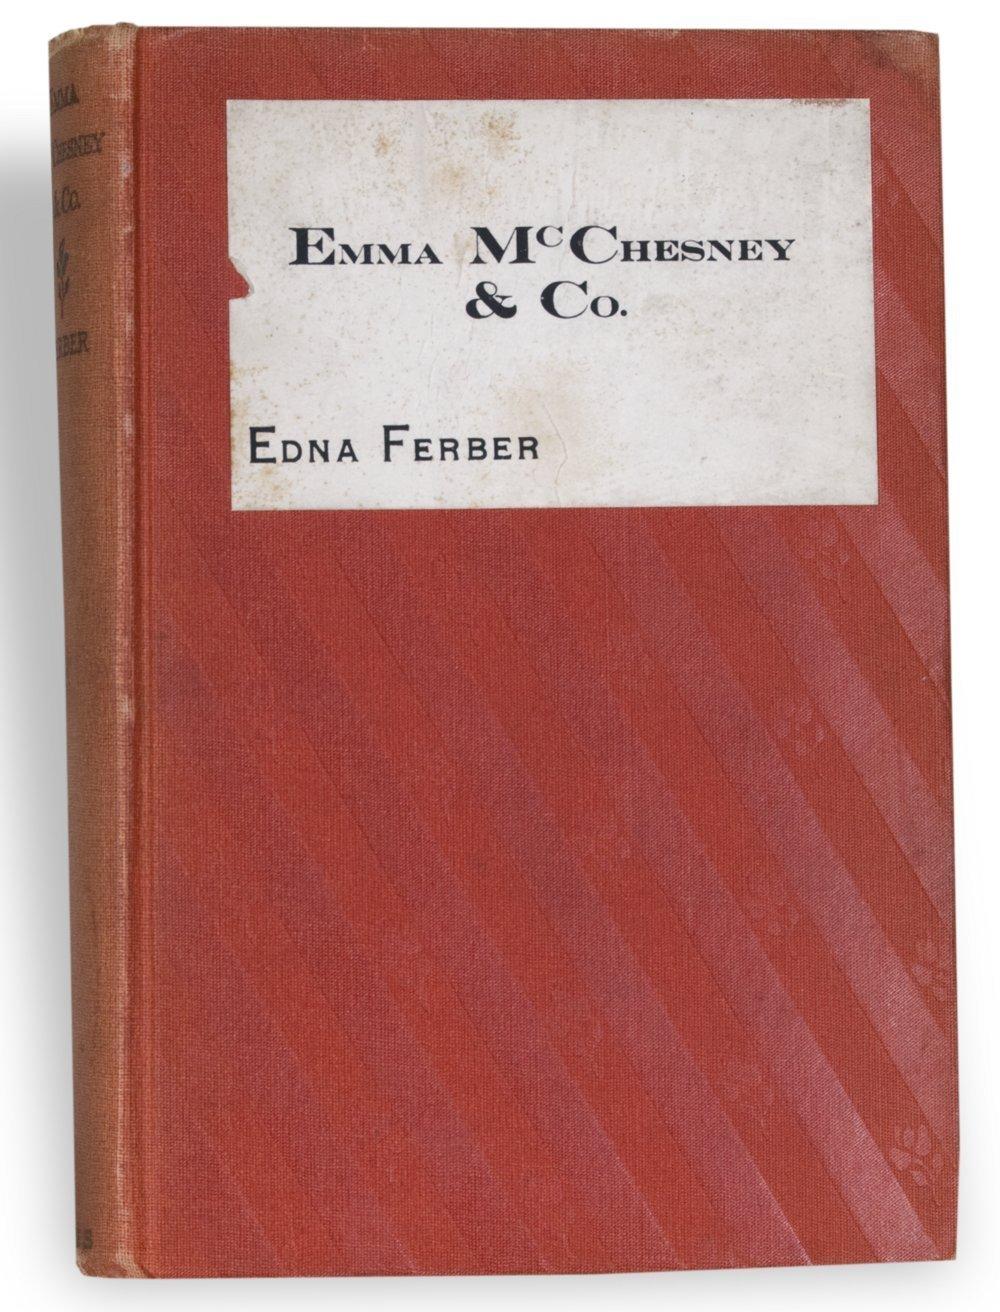 Edna Ferber inscribed book - 1